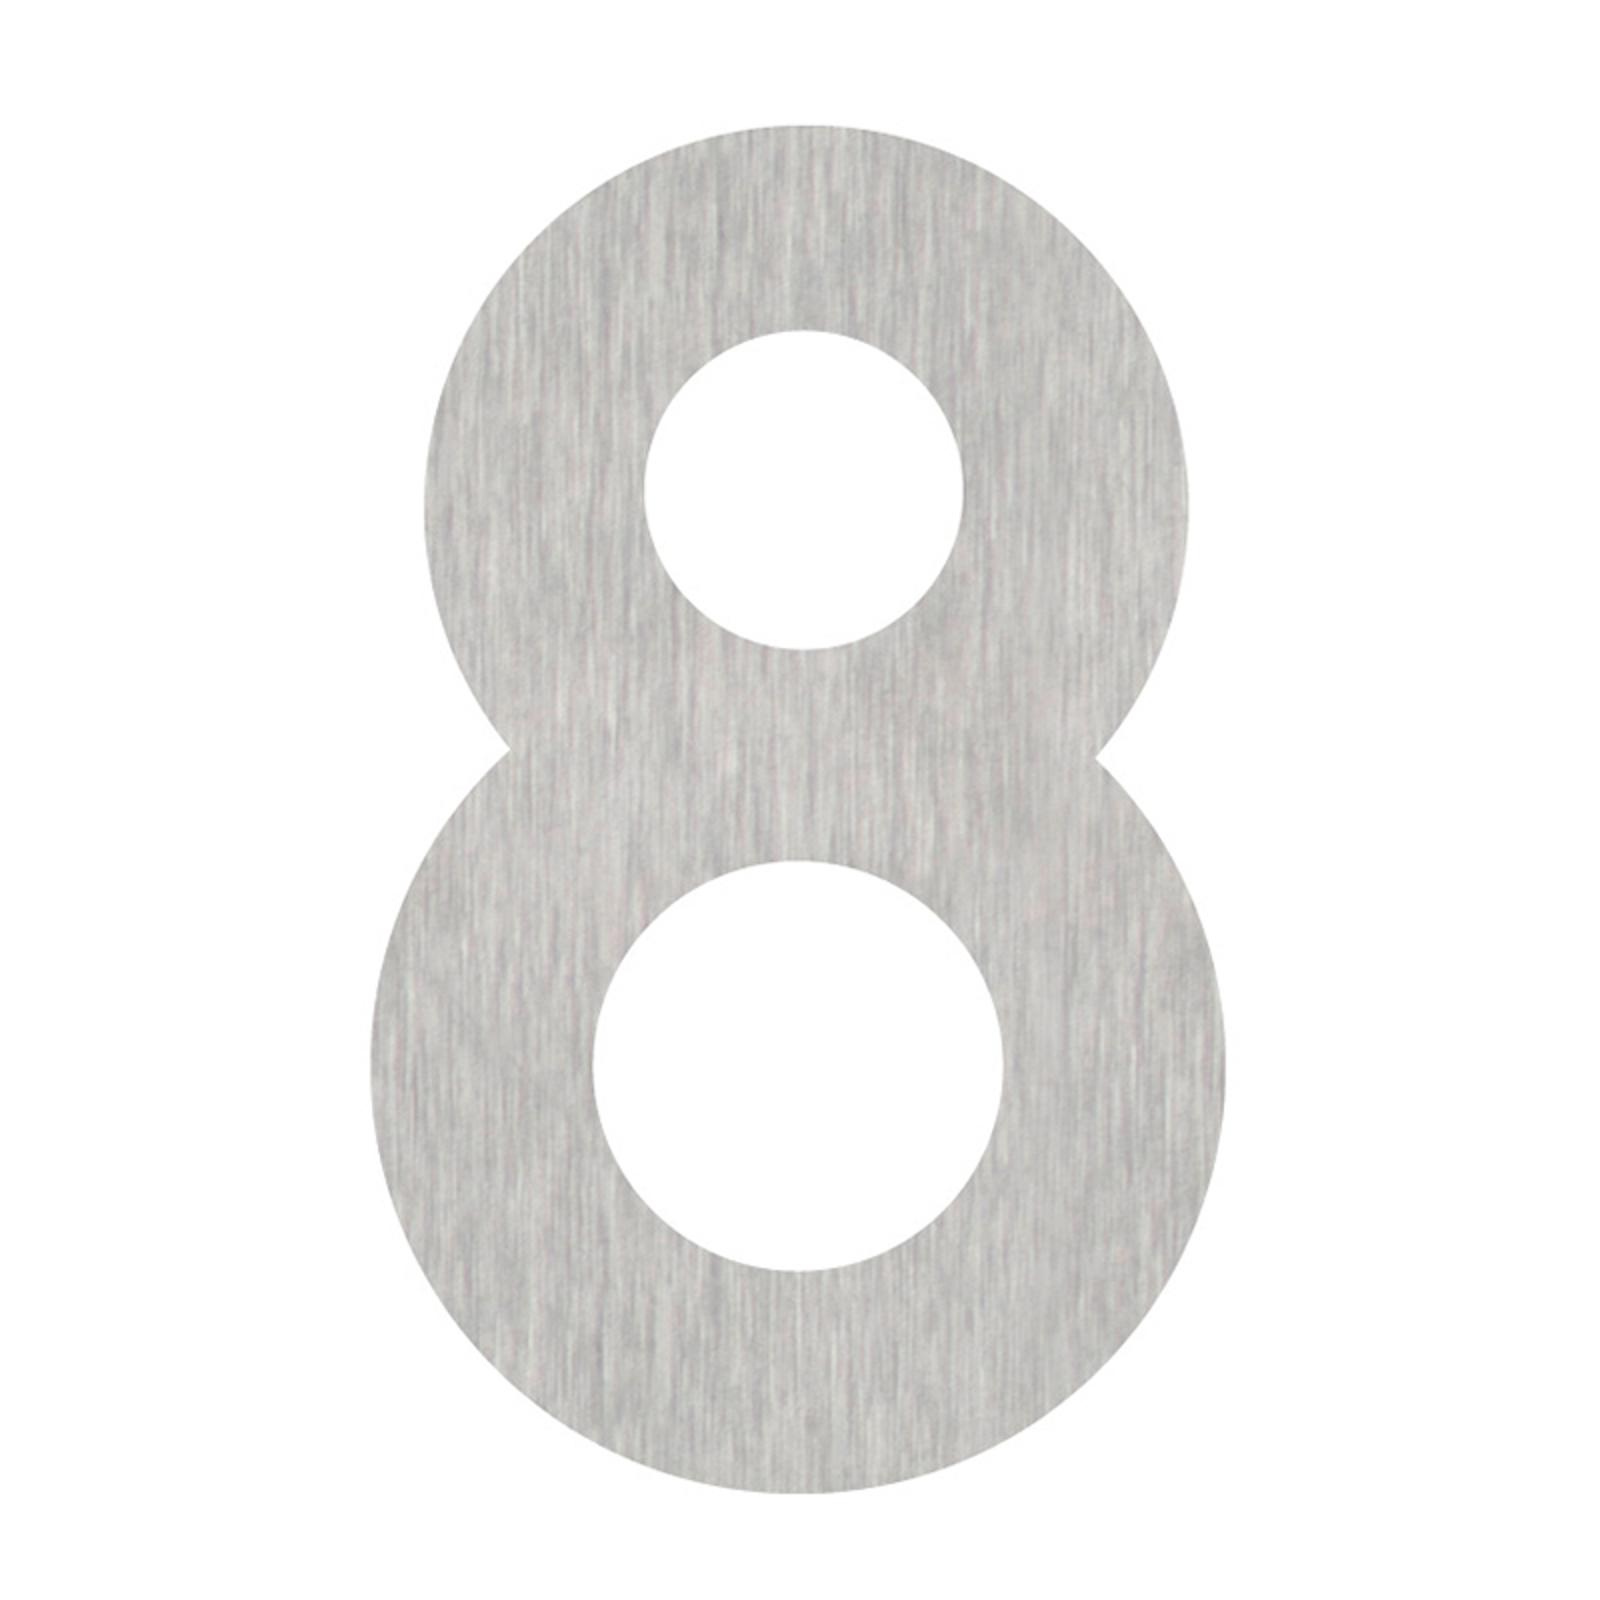 Produktové foto Heibi Domovní čísla číslice 8